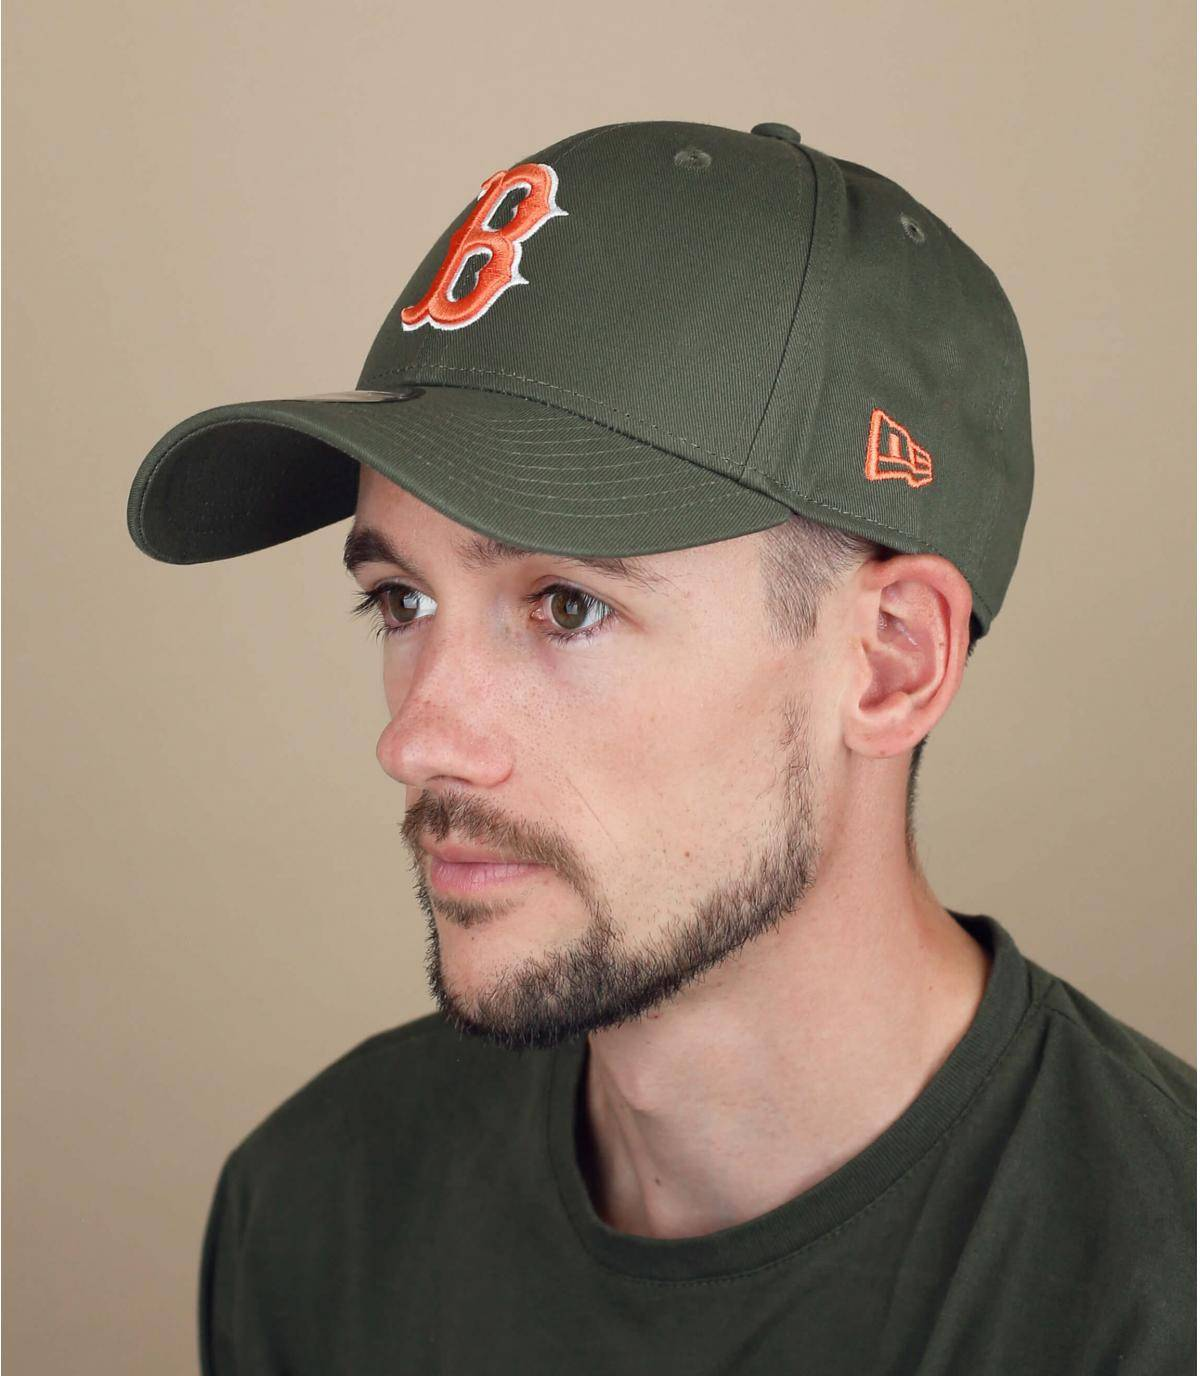 cappellino B verde